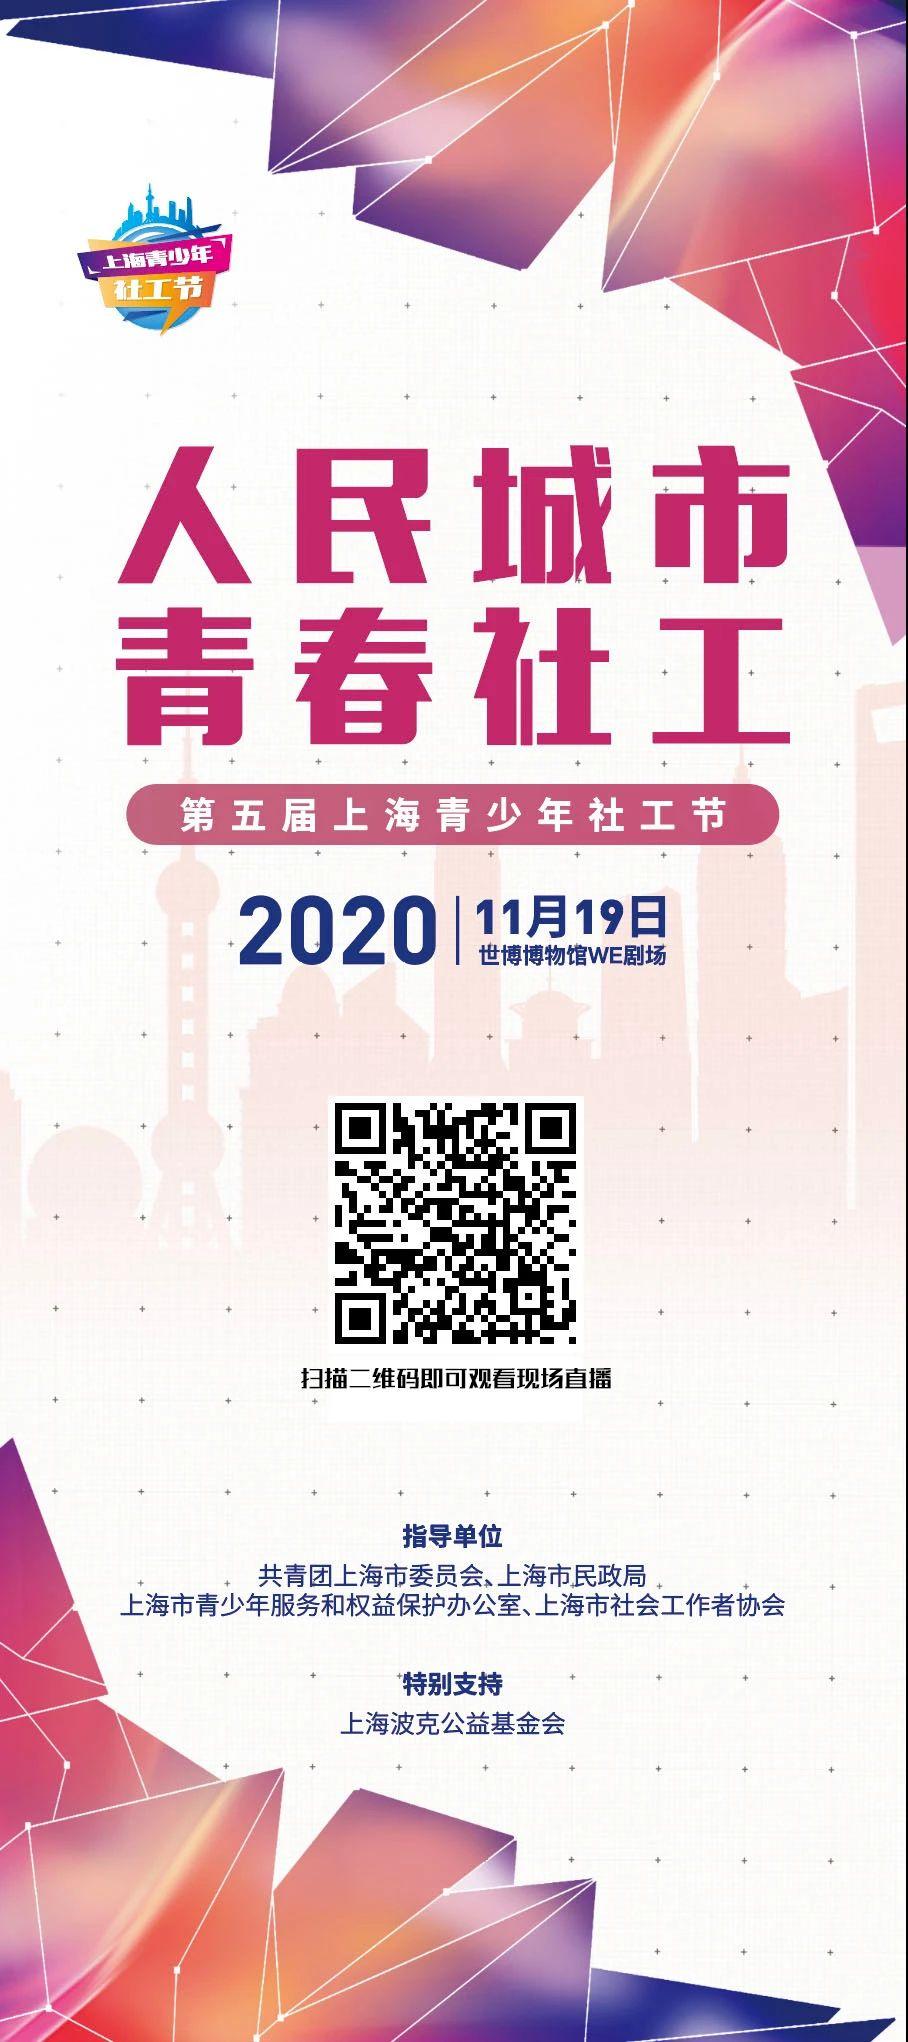 微信图片_20201119102134